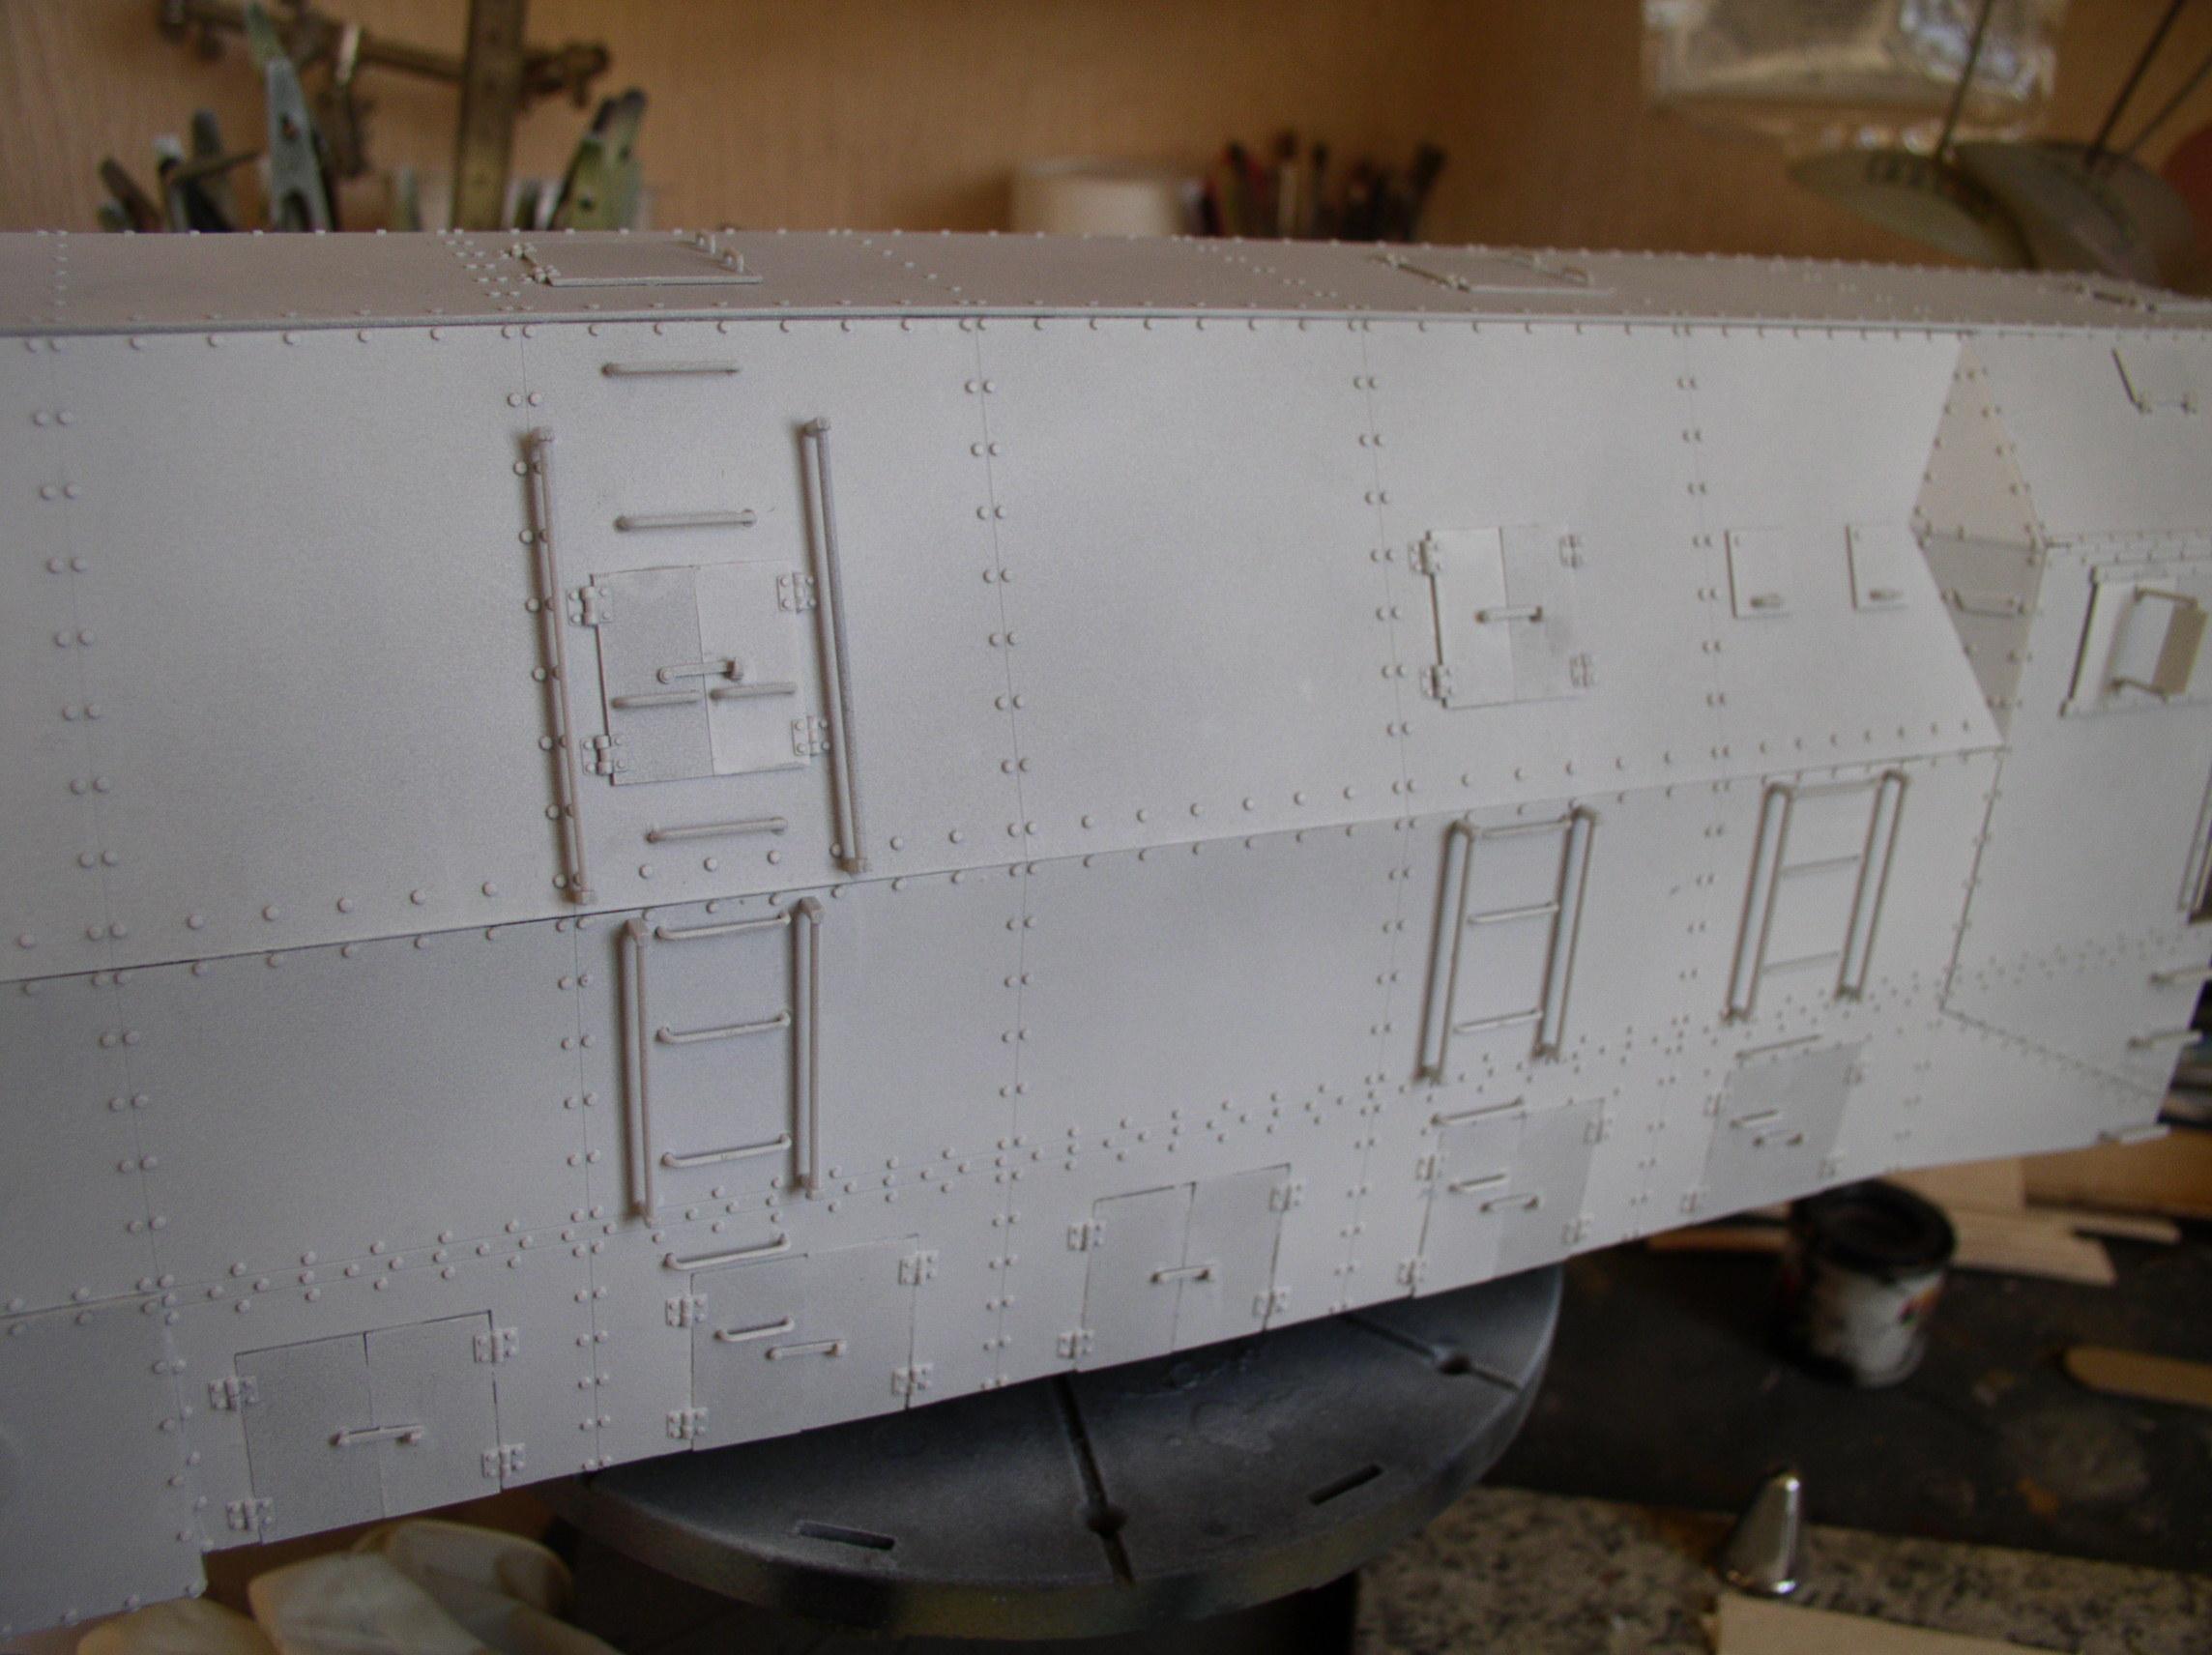 peinture - (Thunderbird) BR 57 Baureihe Panzerlok (Peinture en cours)  - Page 2 83372574